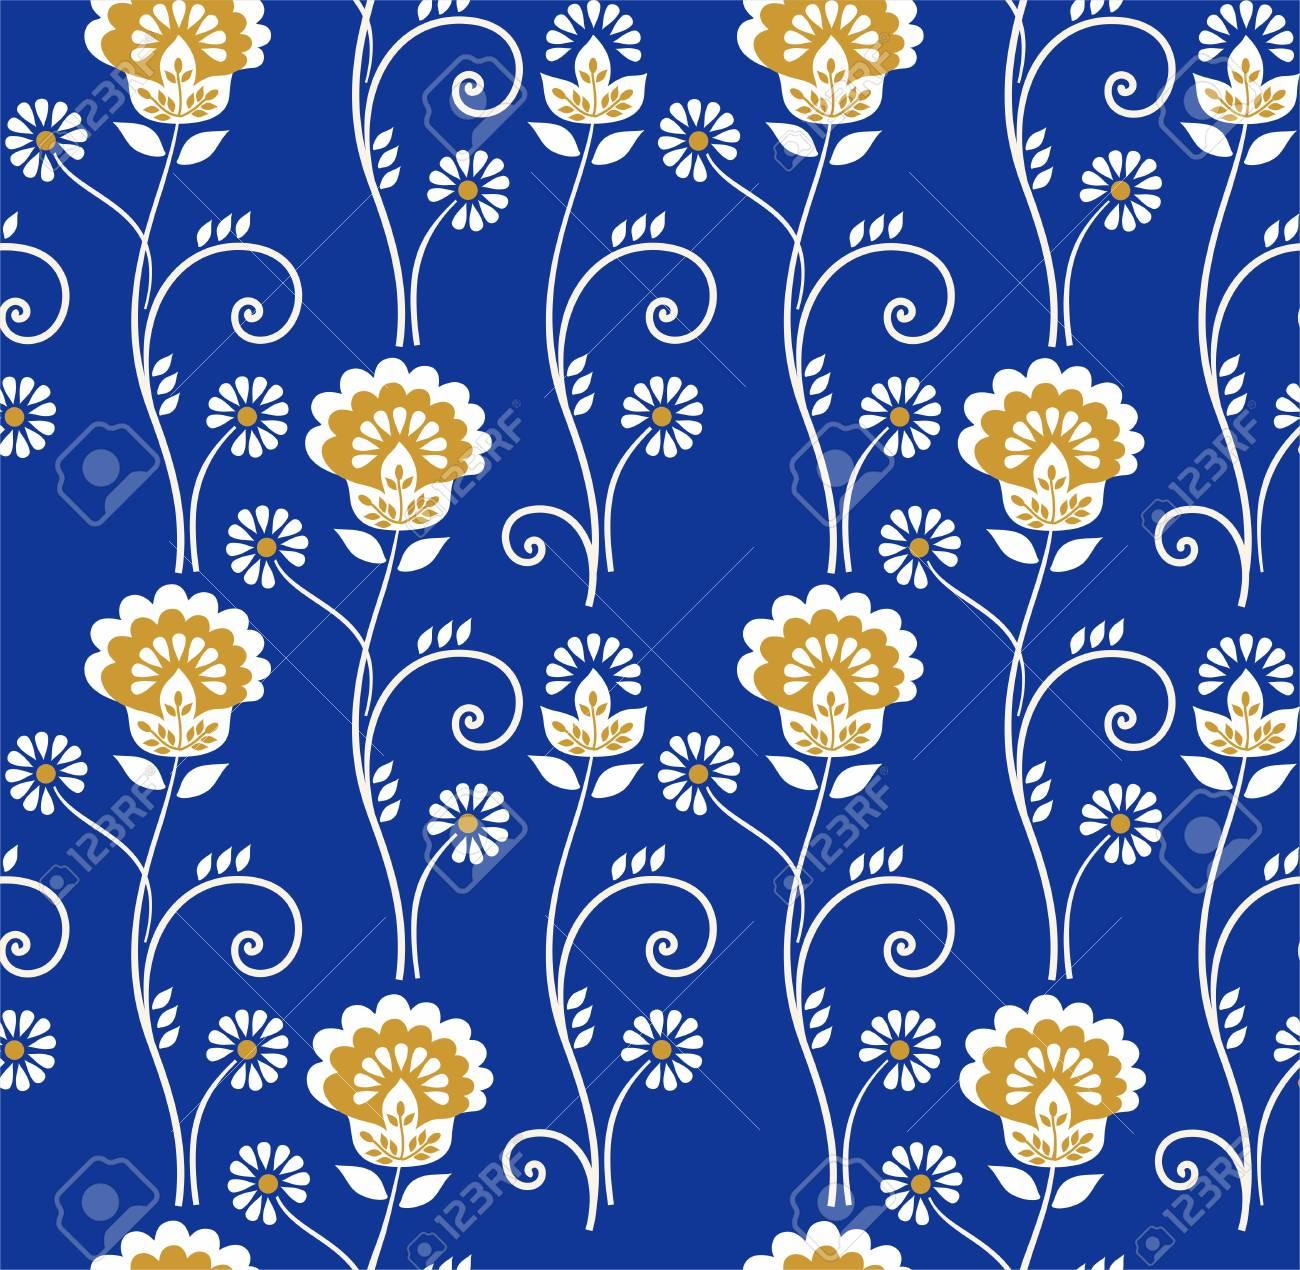 Vettoriale Floral Pattern Senza Soluzione Di Continuità Fiori D